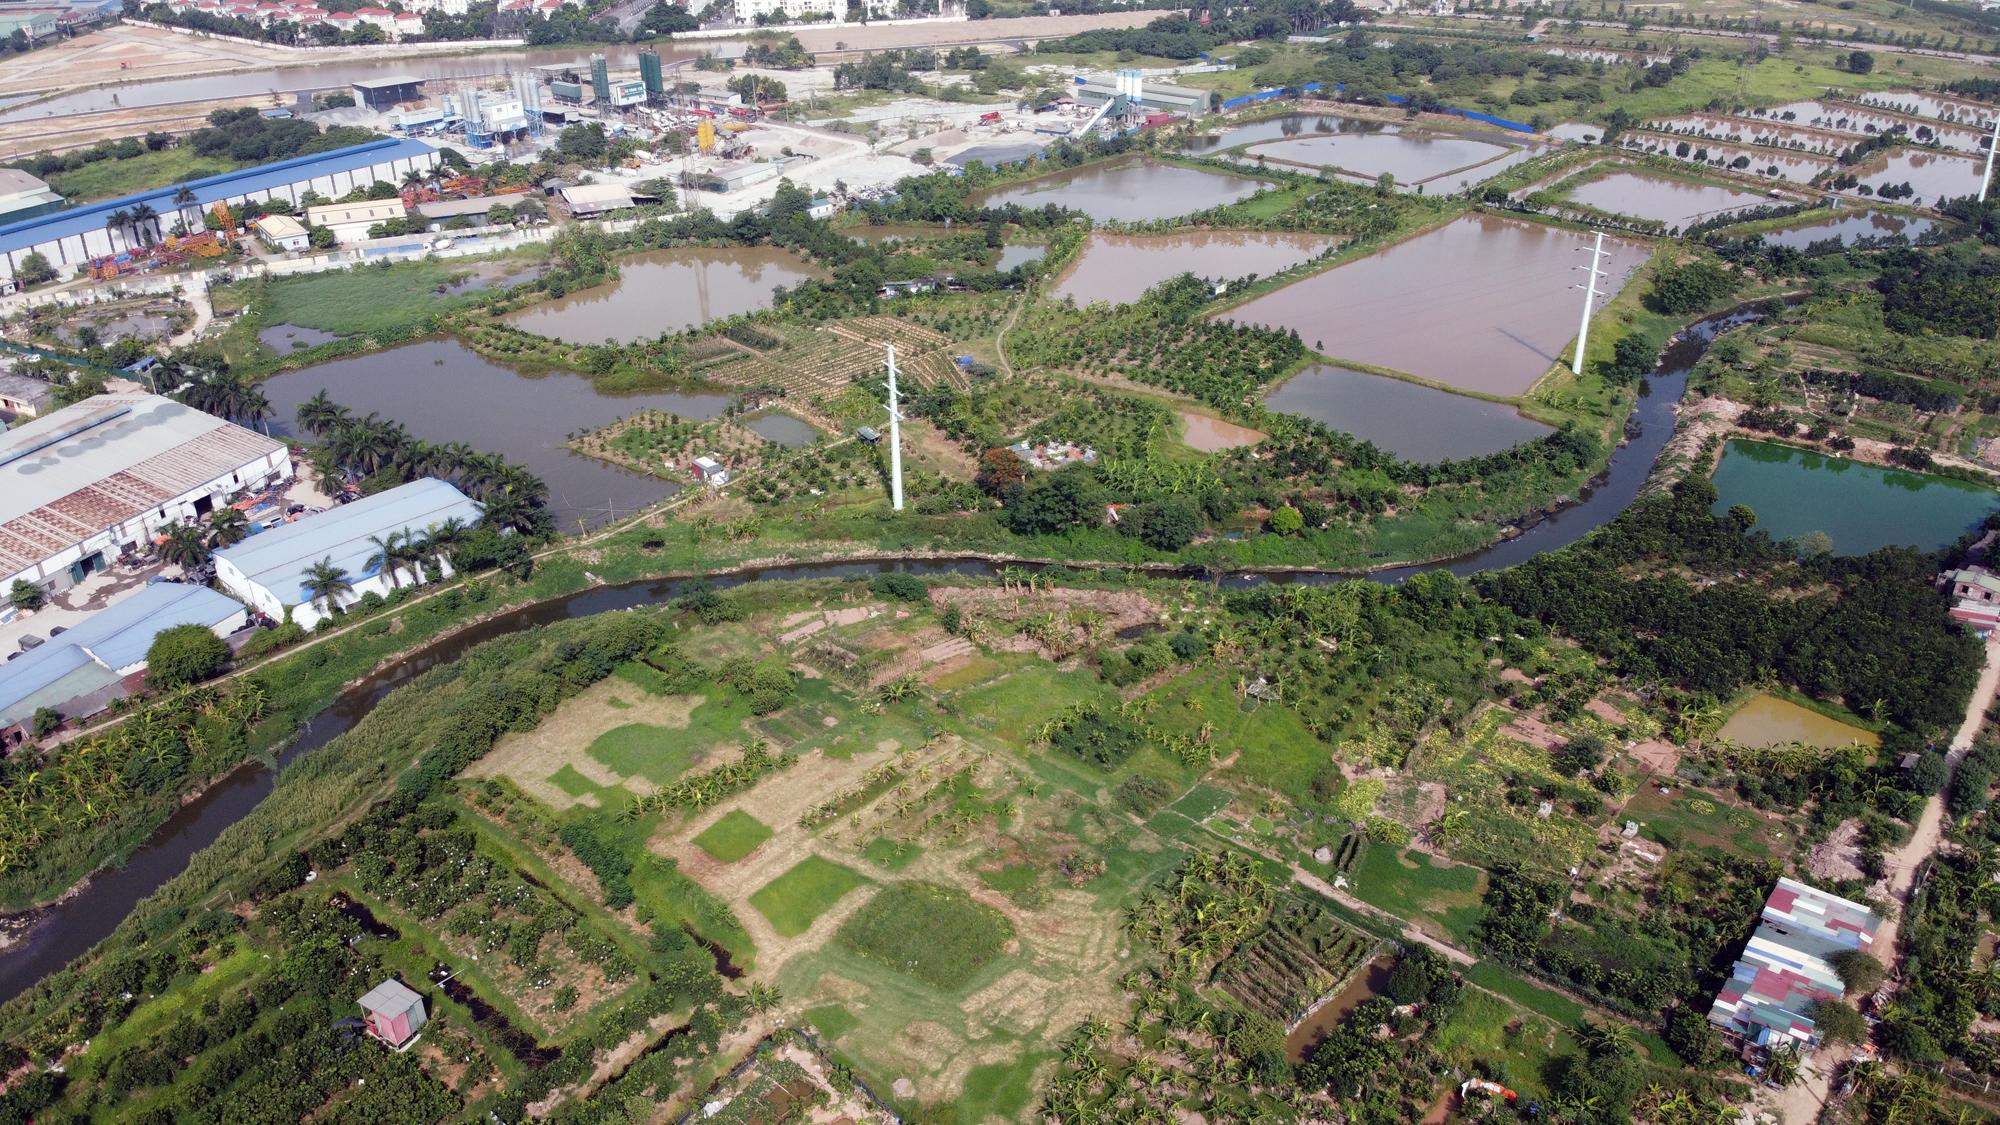 Toàn cảnh nơi xây dựng tuyến đường dài 3km trị giá gần 500 tỉ đồng ở quận Nam Từ Liêm - Ảnh 13.